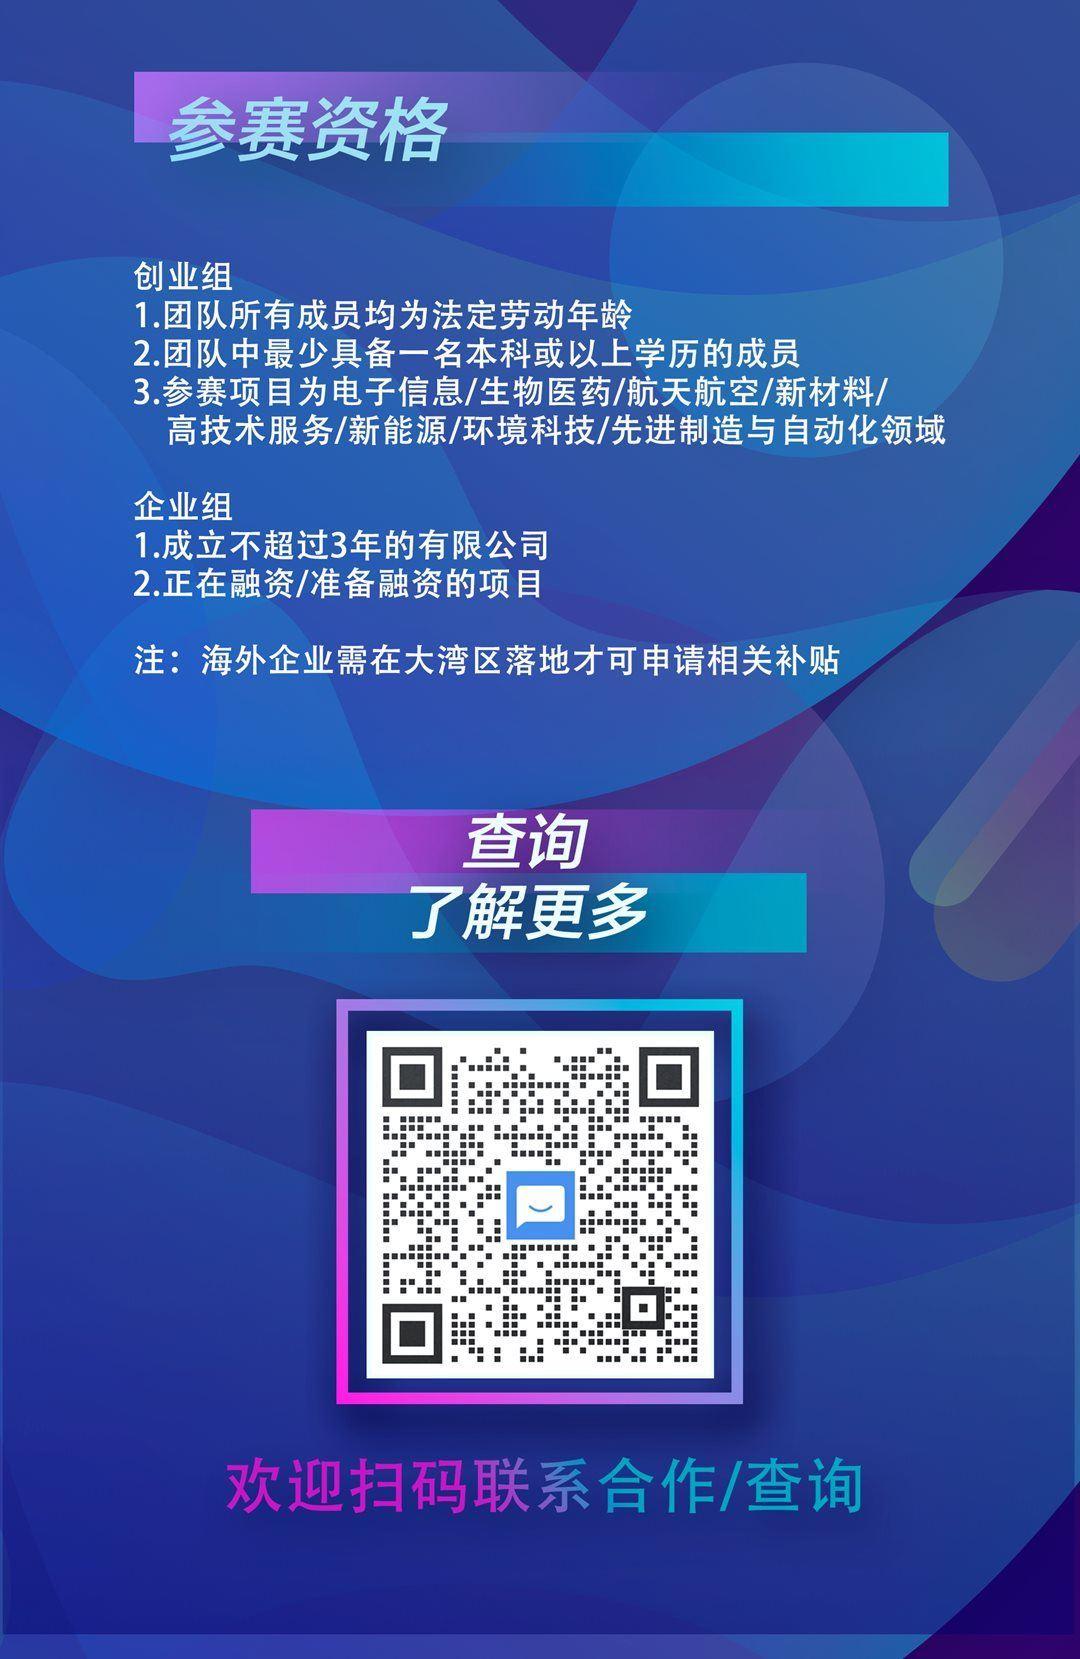 创新创业大赛长图004.png